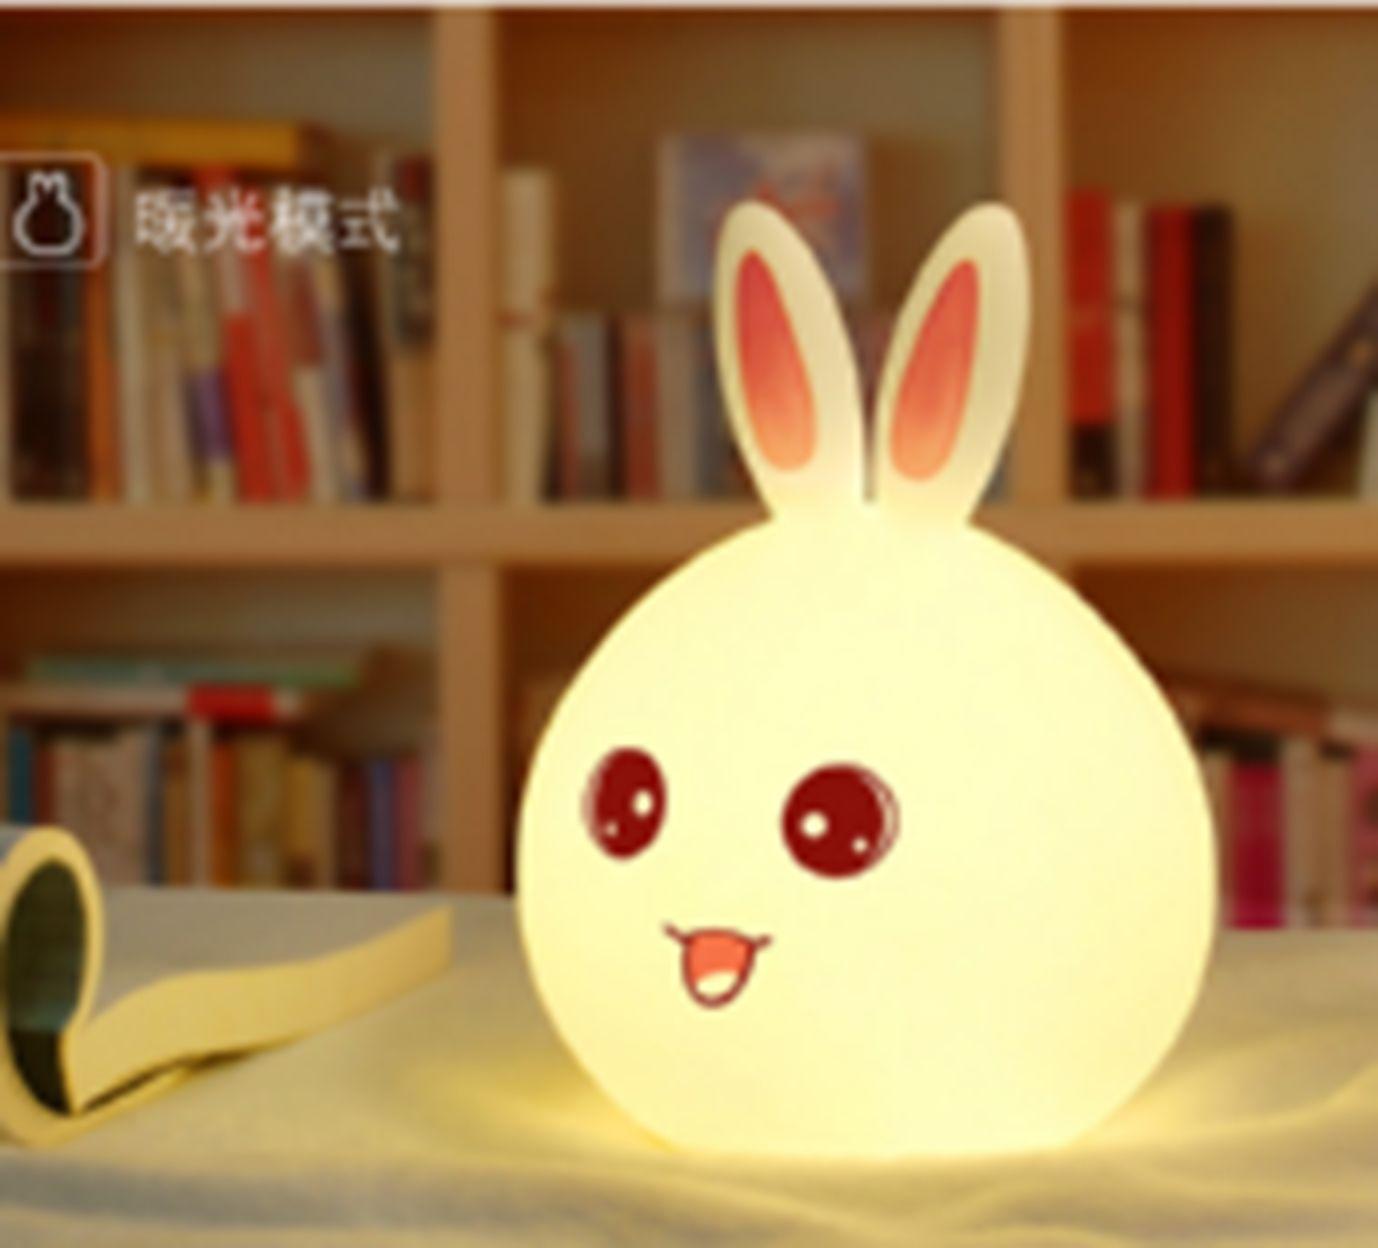 义乌好货  菠萝头KS-302小白熊/兔子卡通硅胶灯/G2-15267